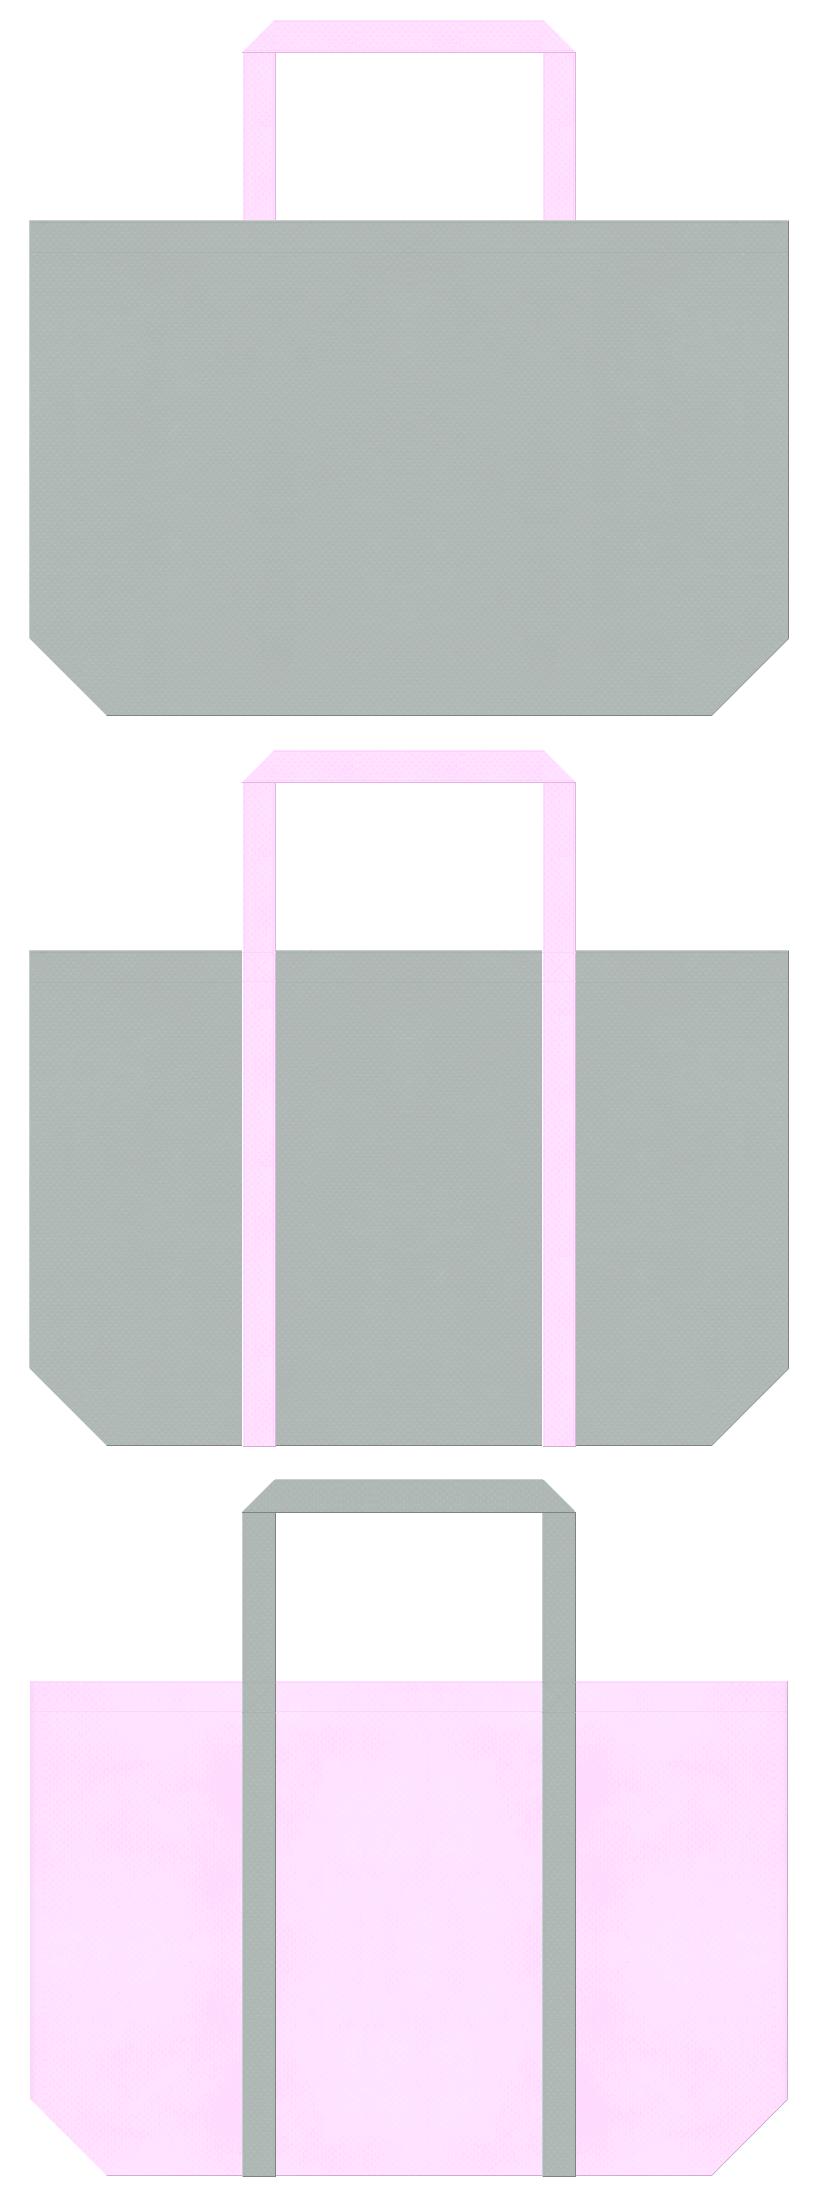 グレー色と明るいピンク色の不織布エコバッグのデザイン。